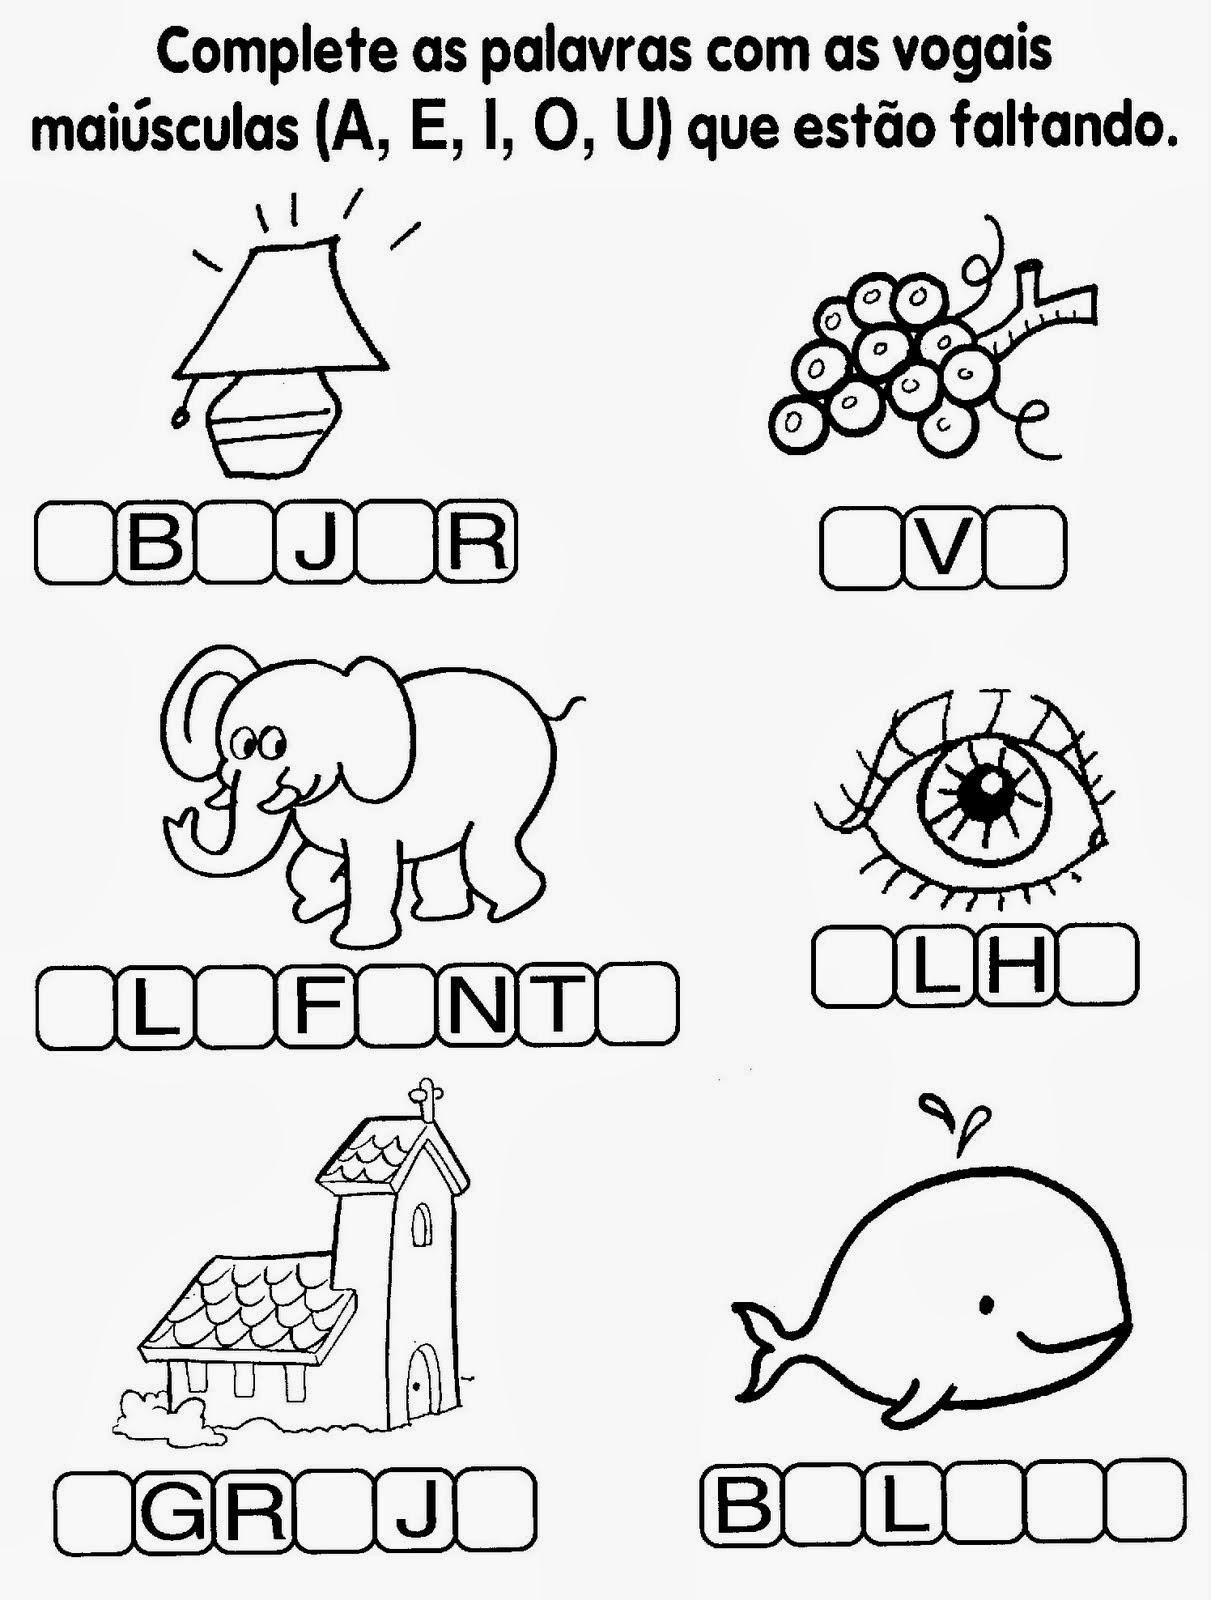 Atividades com vogais - Complete com vogais